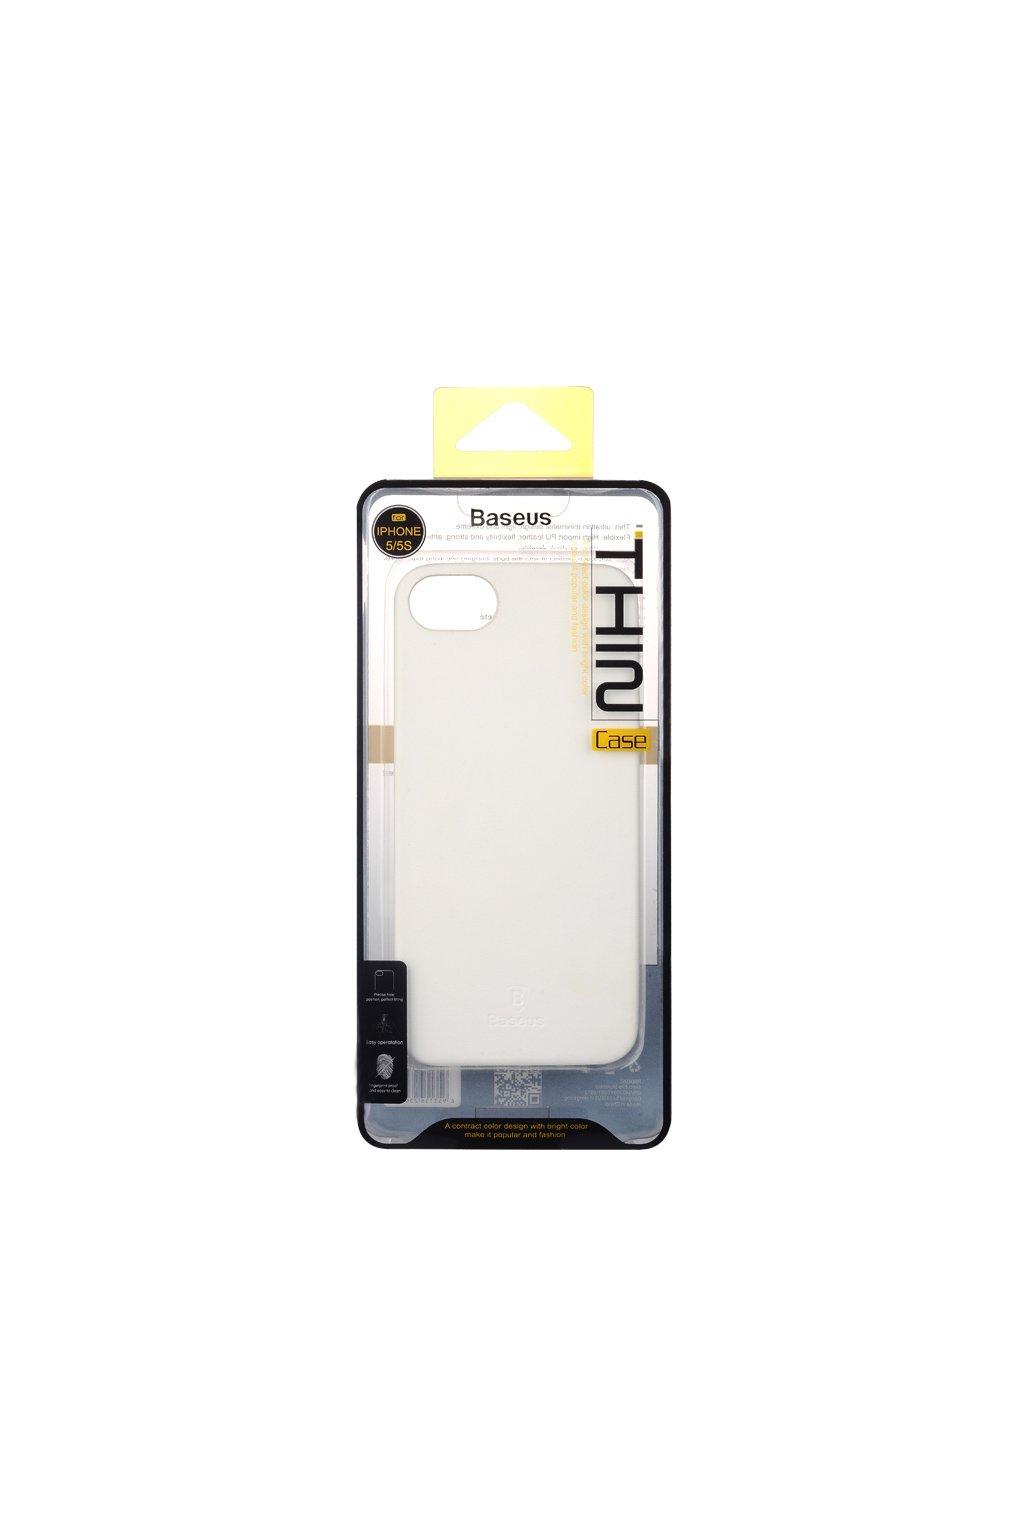 Pouzdro Baseus Thin Apple iPhone 5/5S a SE, white